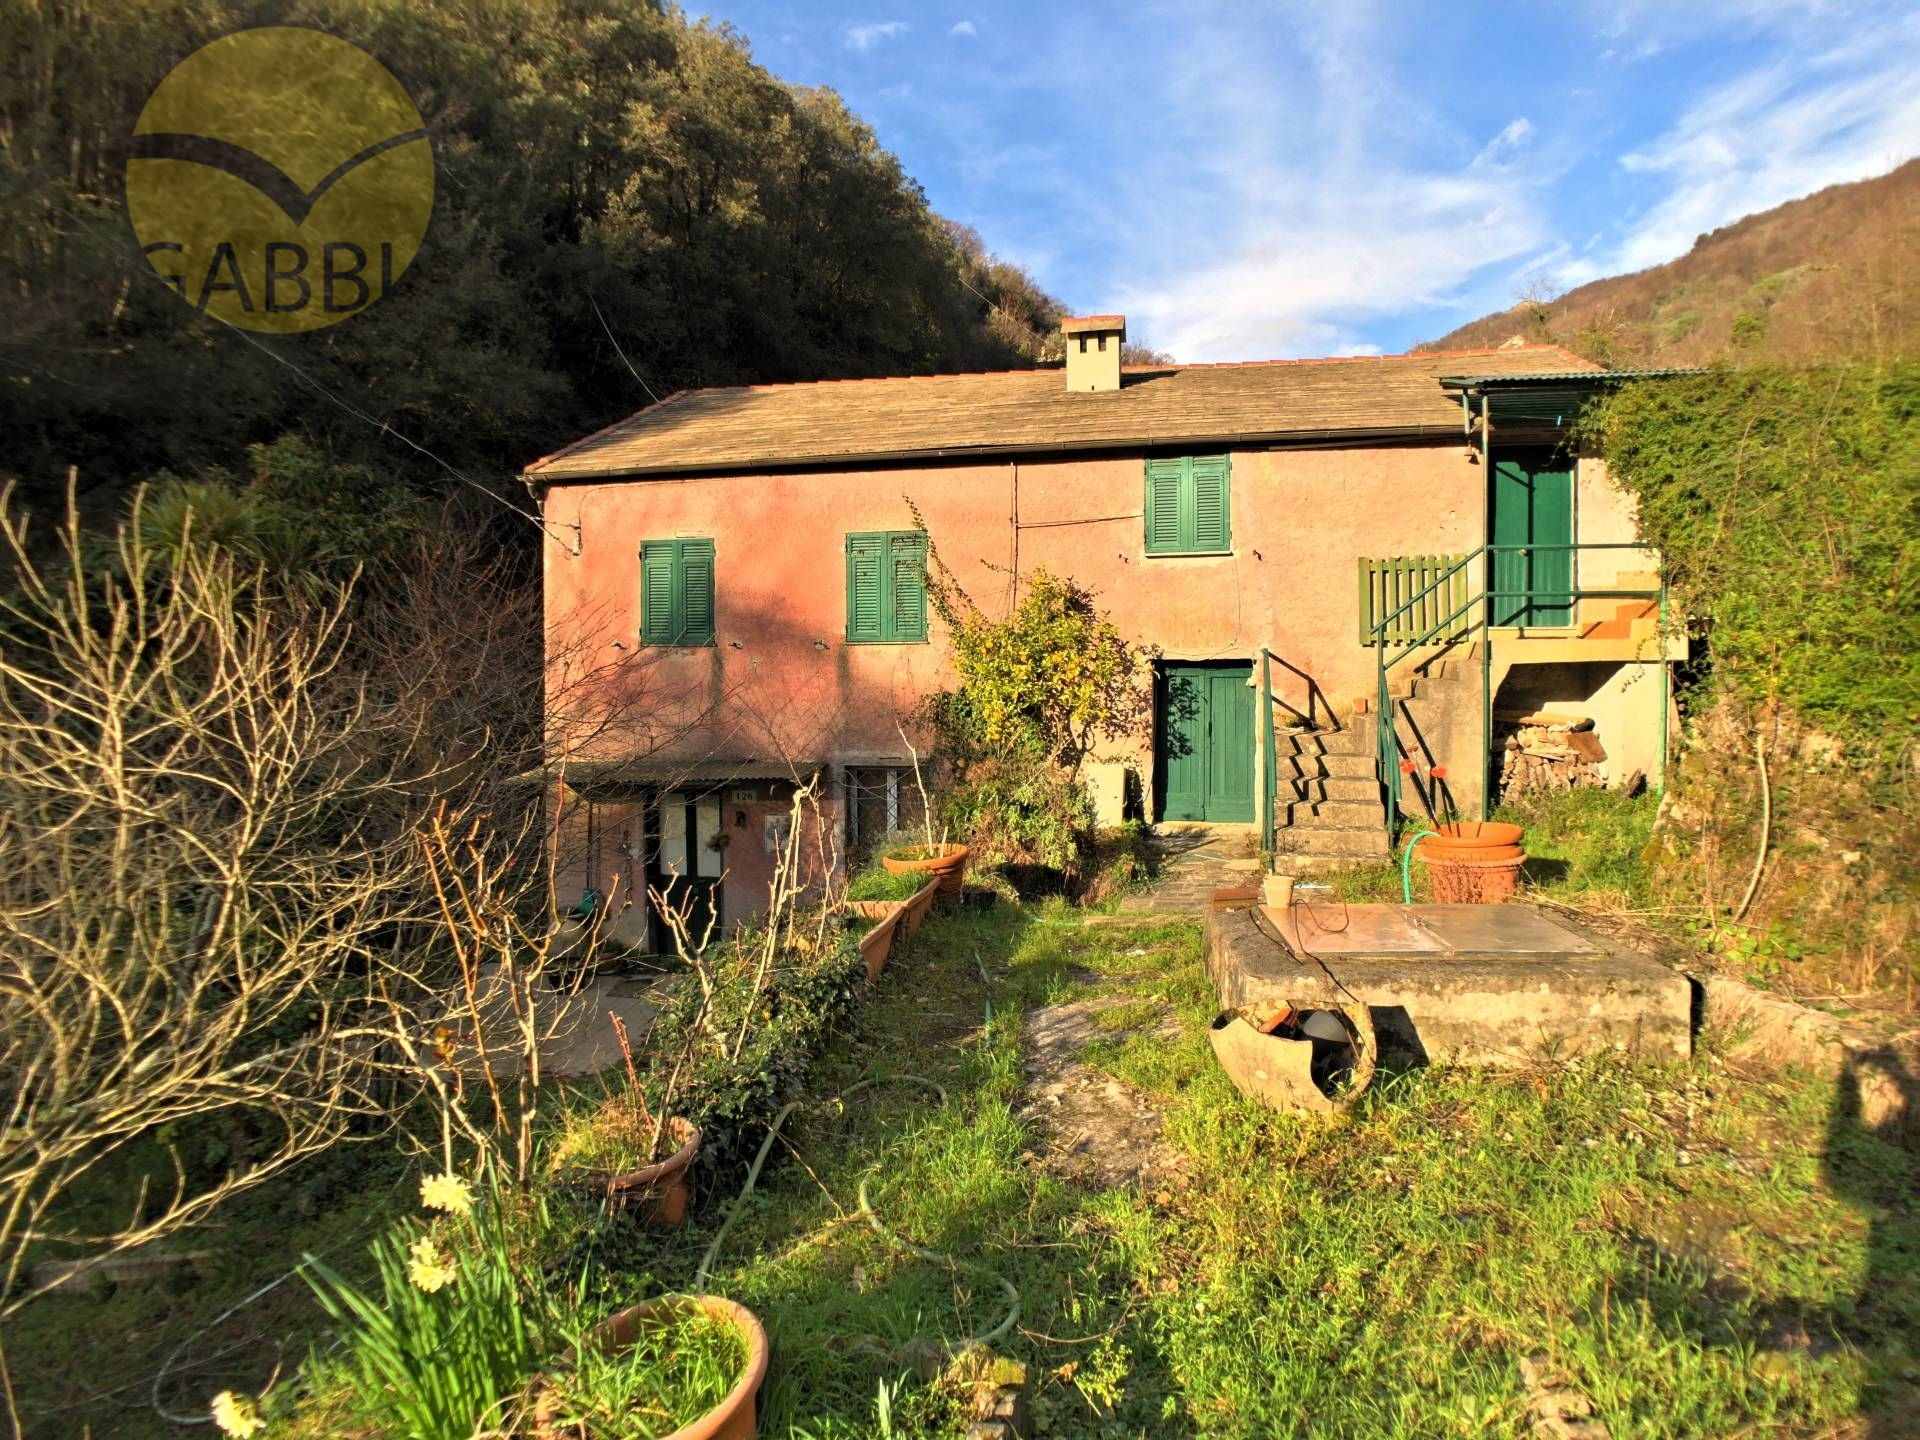 Appartamento in vendita a Sori, 7 locali, zona Zona: Capreno, prezzo € 160.000 | CambioCasa.it